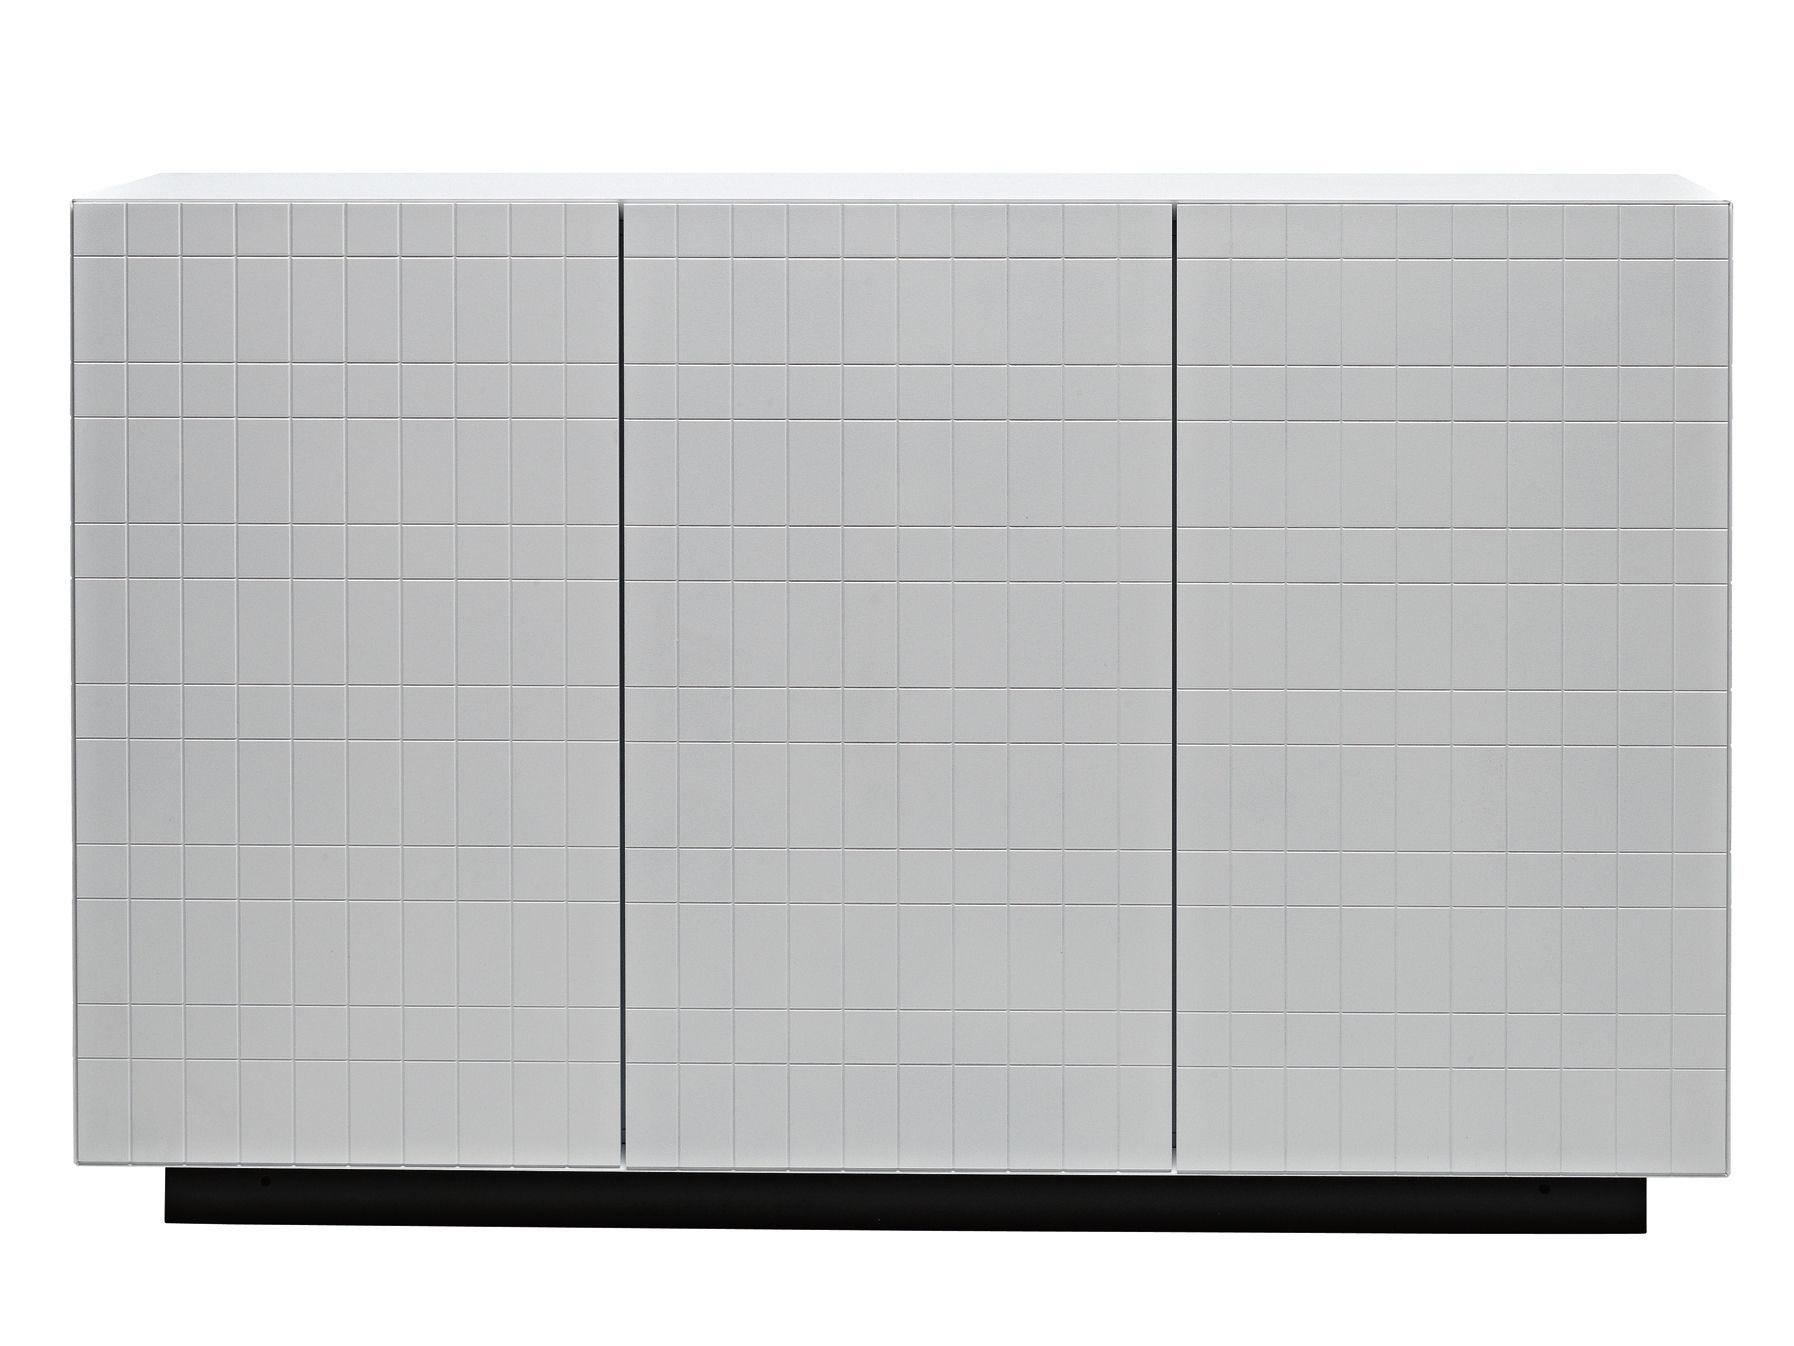 Möbel - Kommode und Anrichte - Toshi Anrichte / Modell N° 4 - L 136 cm x H 86 cm - Casamania - Weiß / Sockel anthrazit - lackierte Holzfaserplatte, Metall